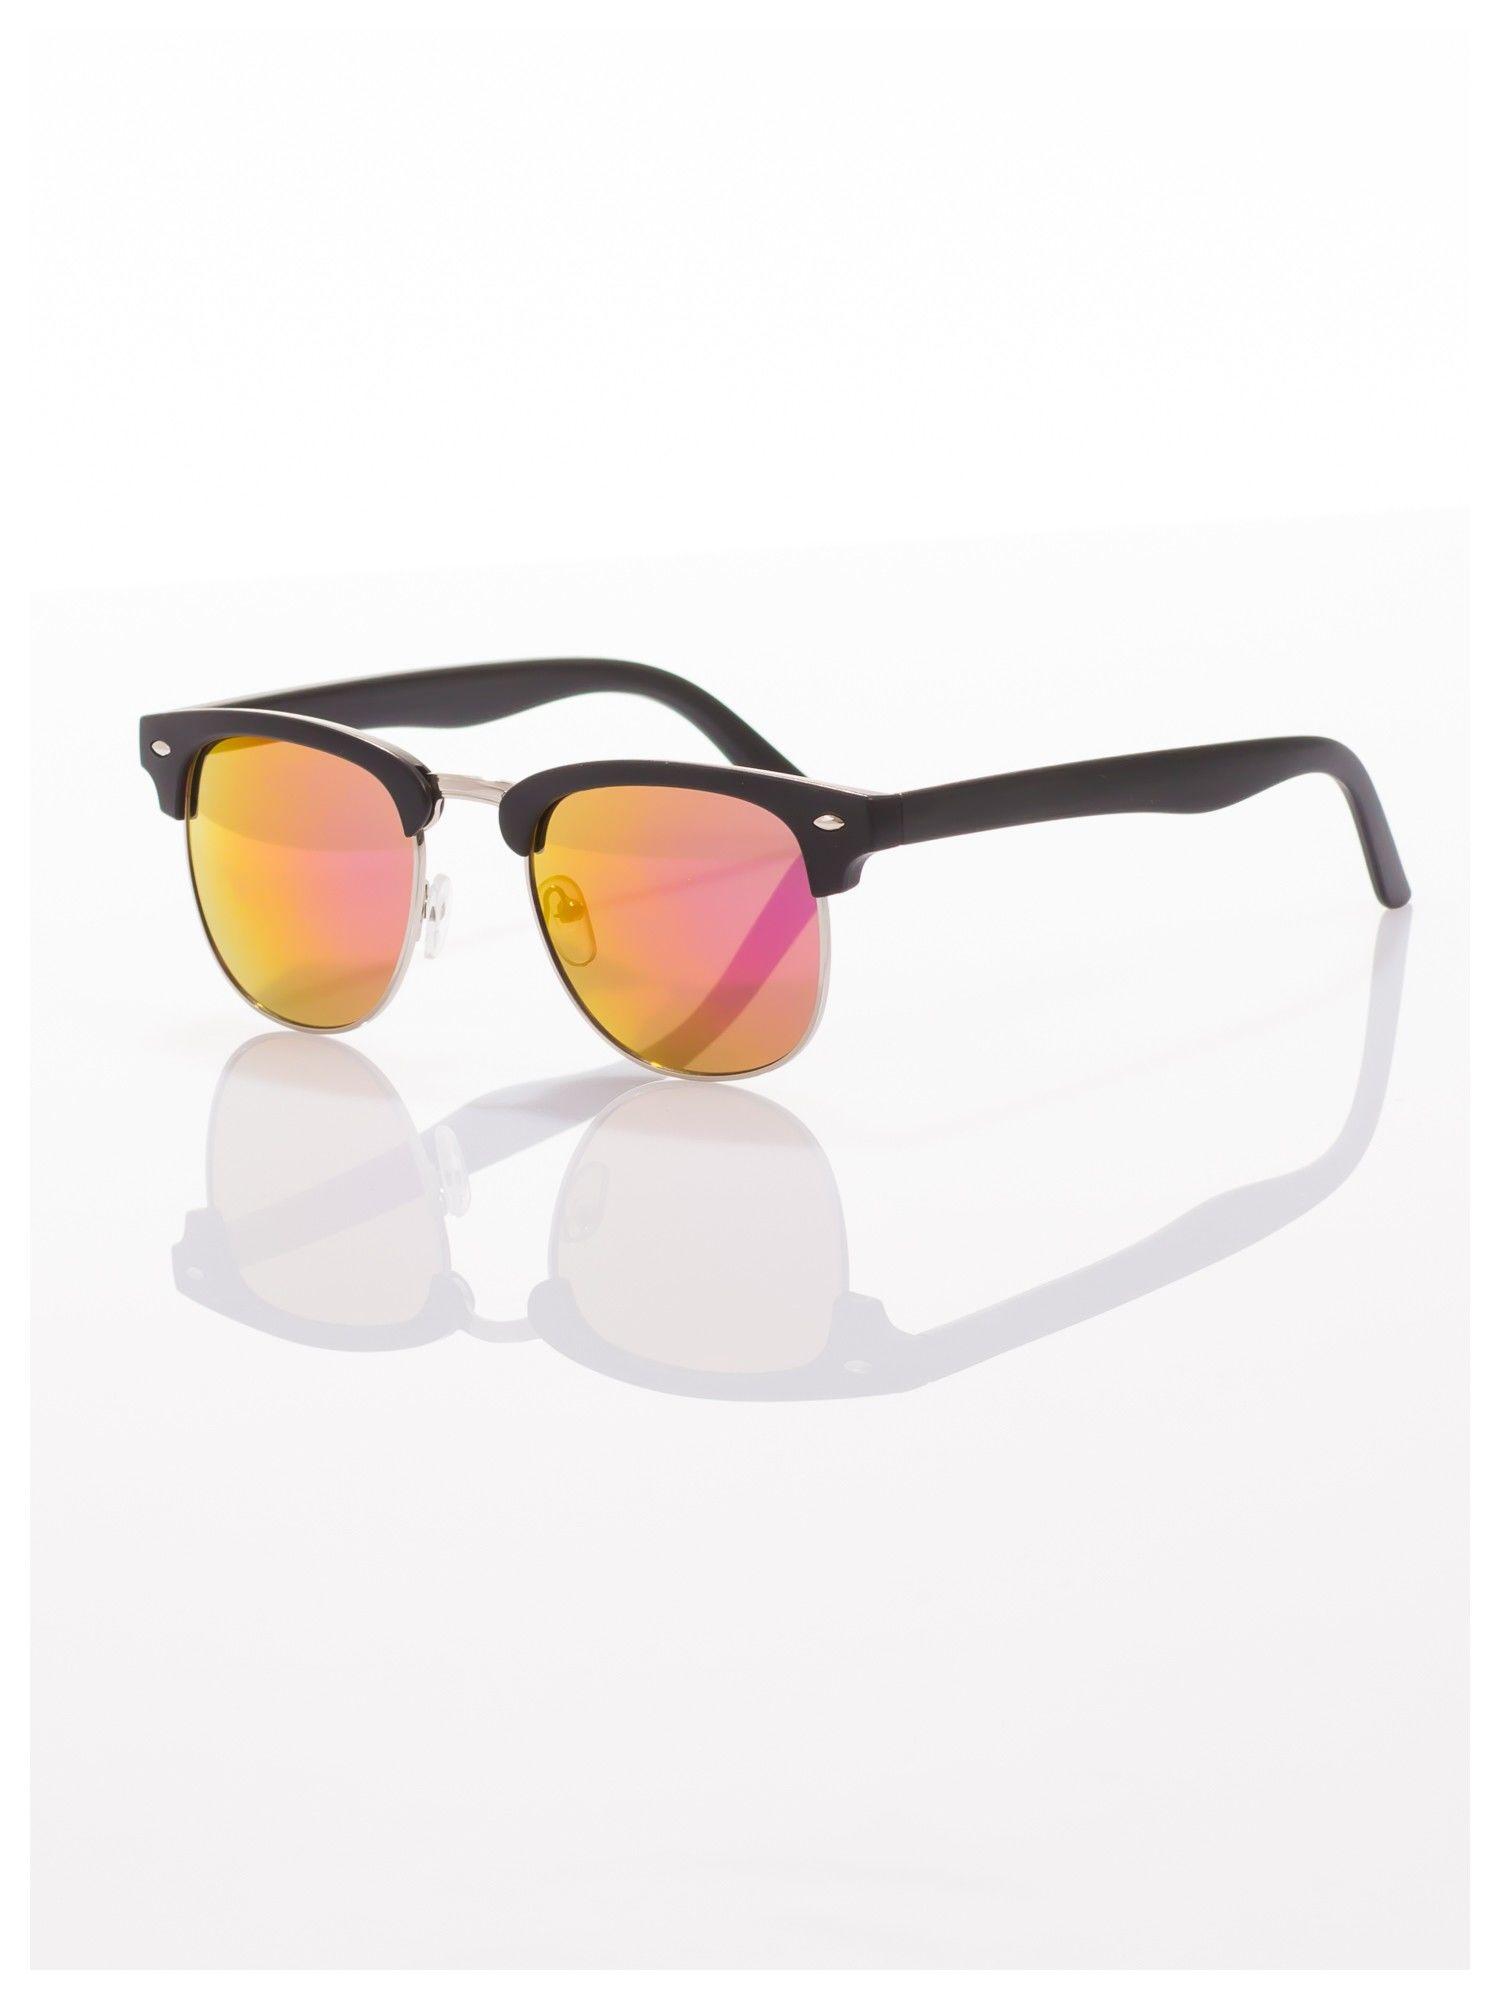 Czarne okulary przeciwsłoneczne lustrzanki typu CLUBMASTER                                   zdj.                                  1